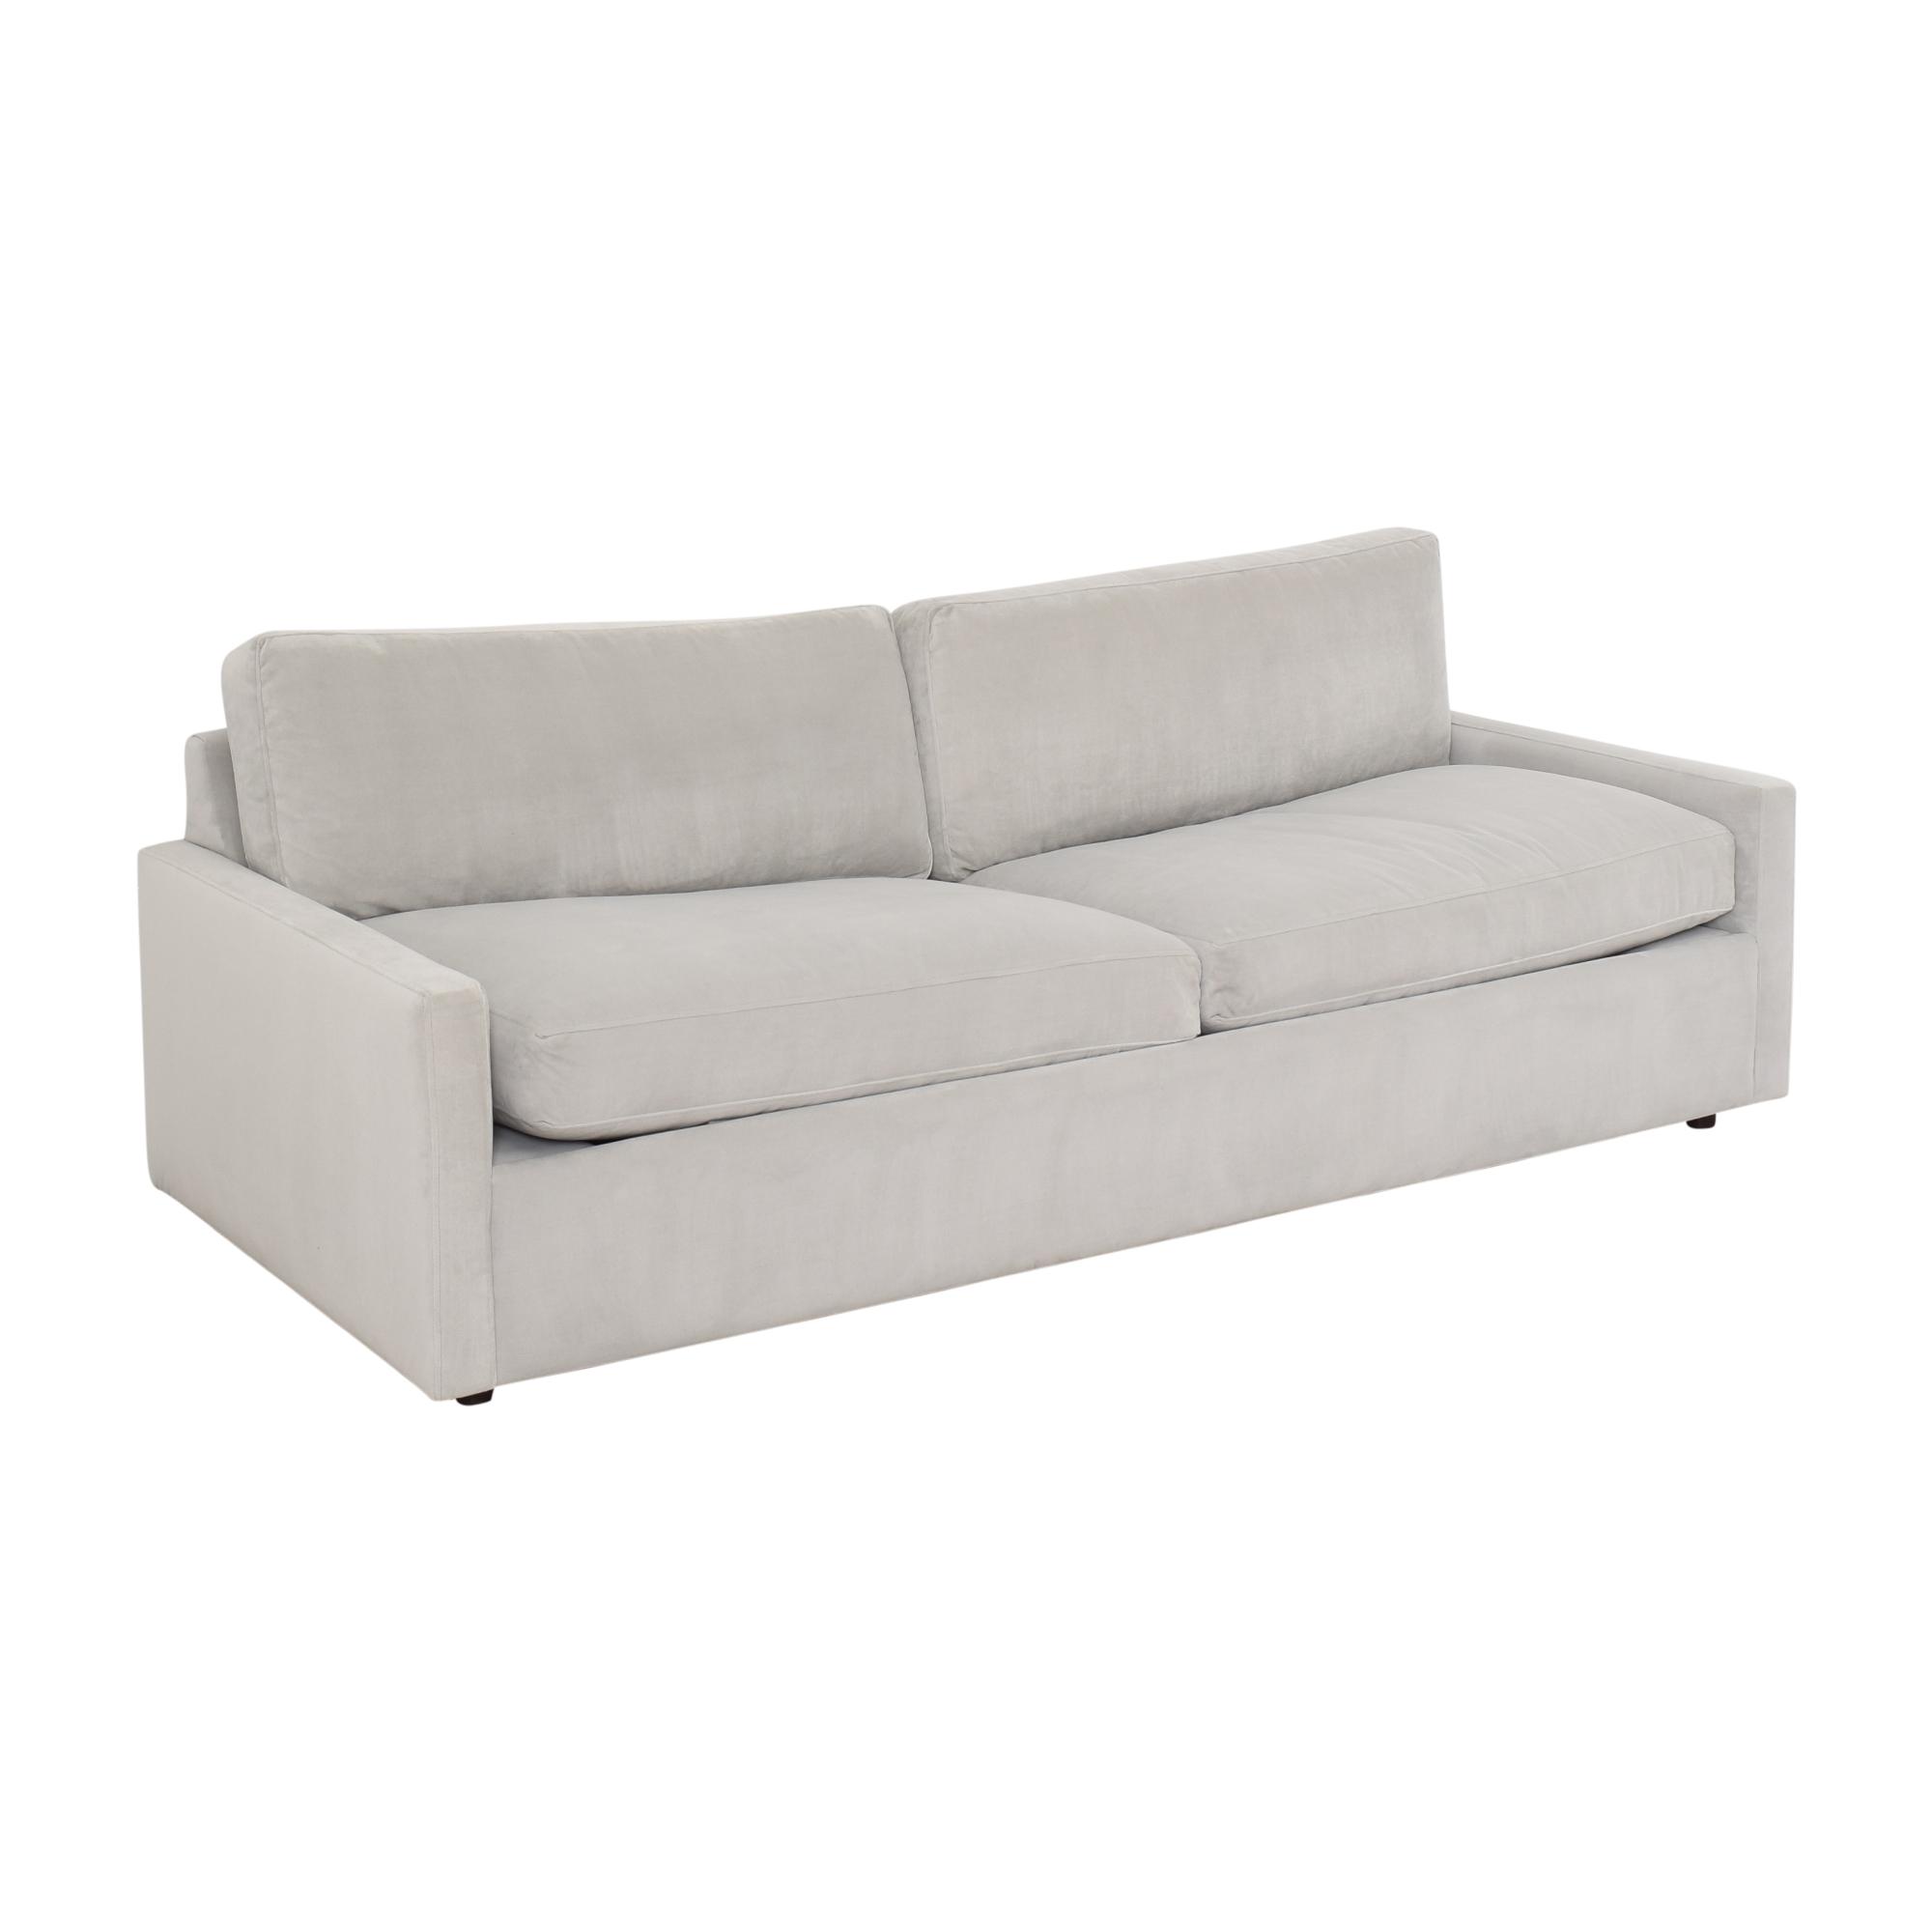 Room & Board Easton Queen Sleeper Sofa Room & Board